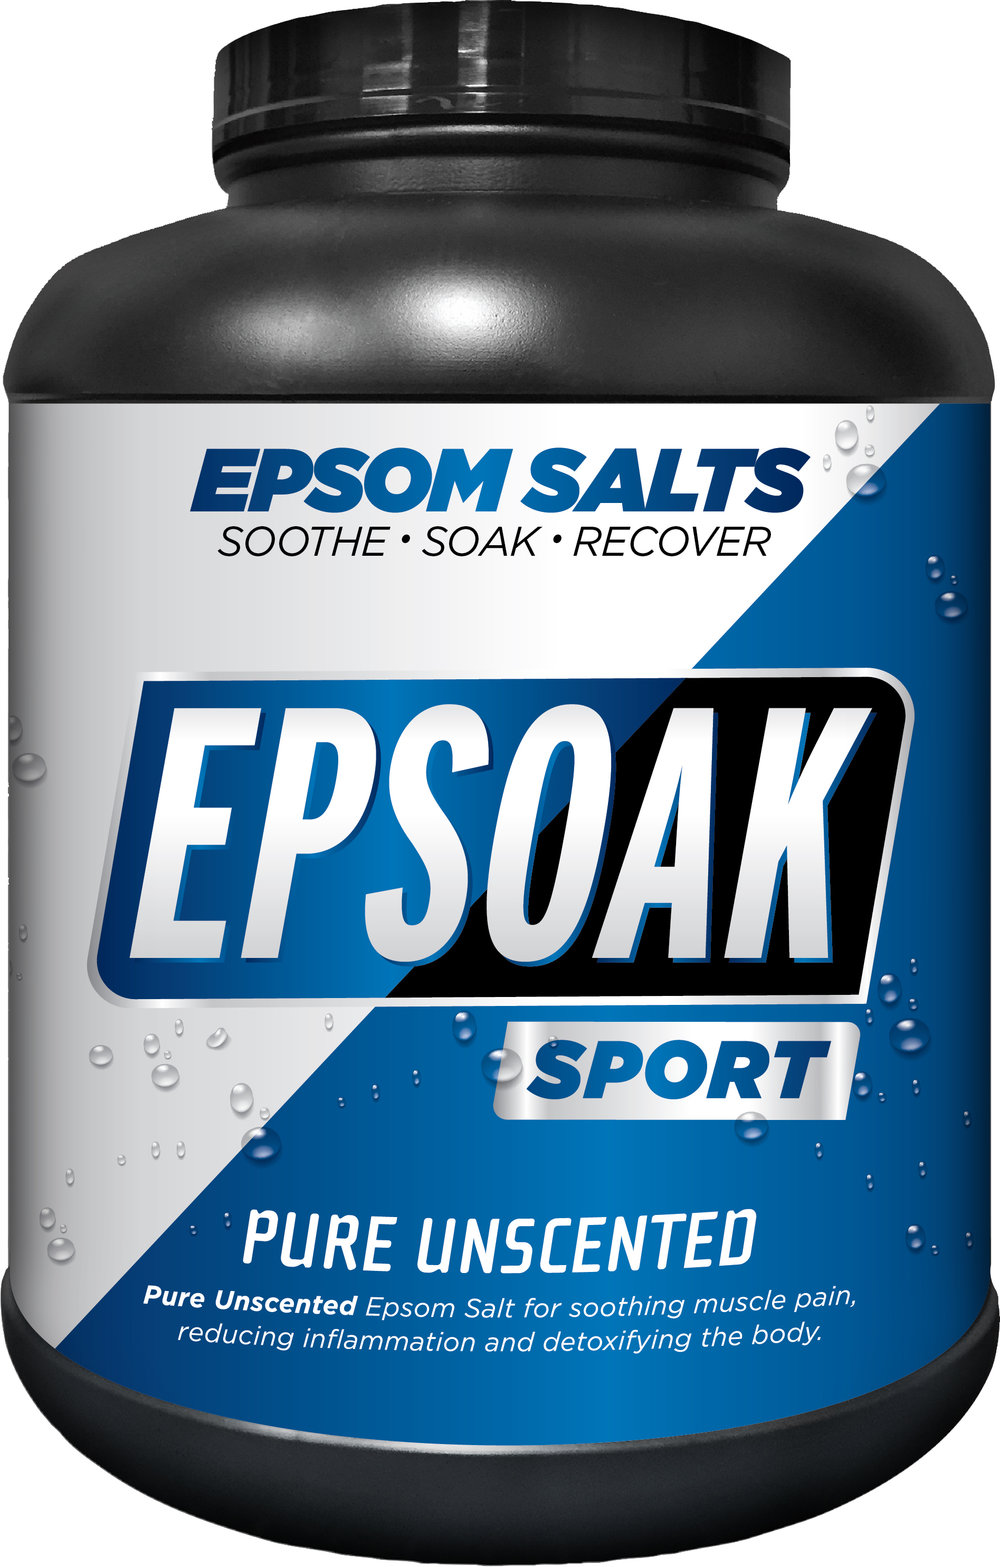 EPSOAK-SPORT_PUREUNSCENTED_FRONT.jpg